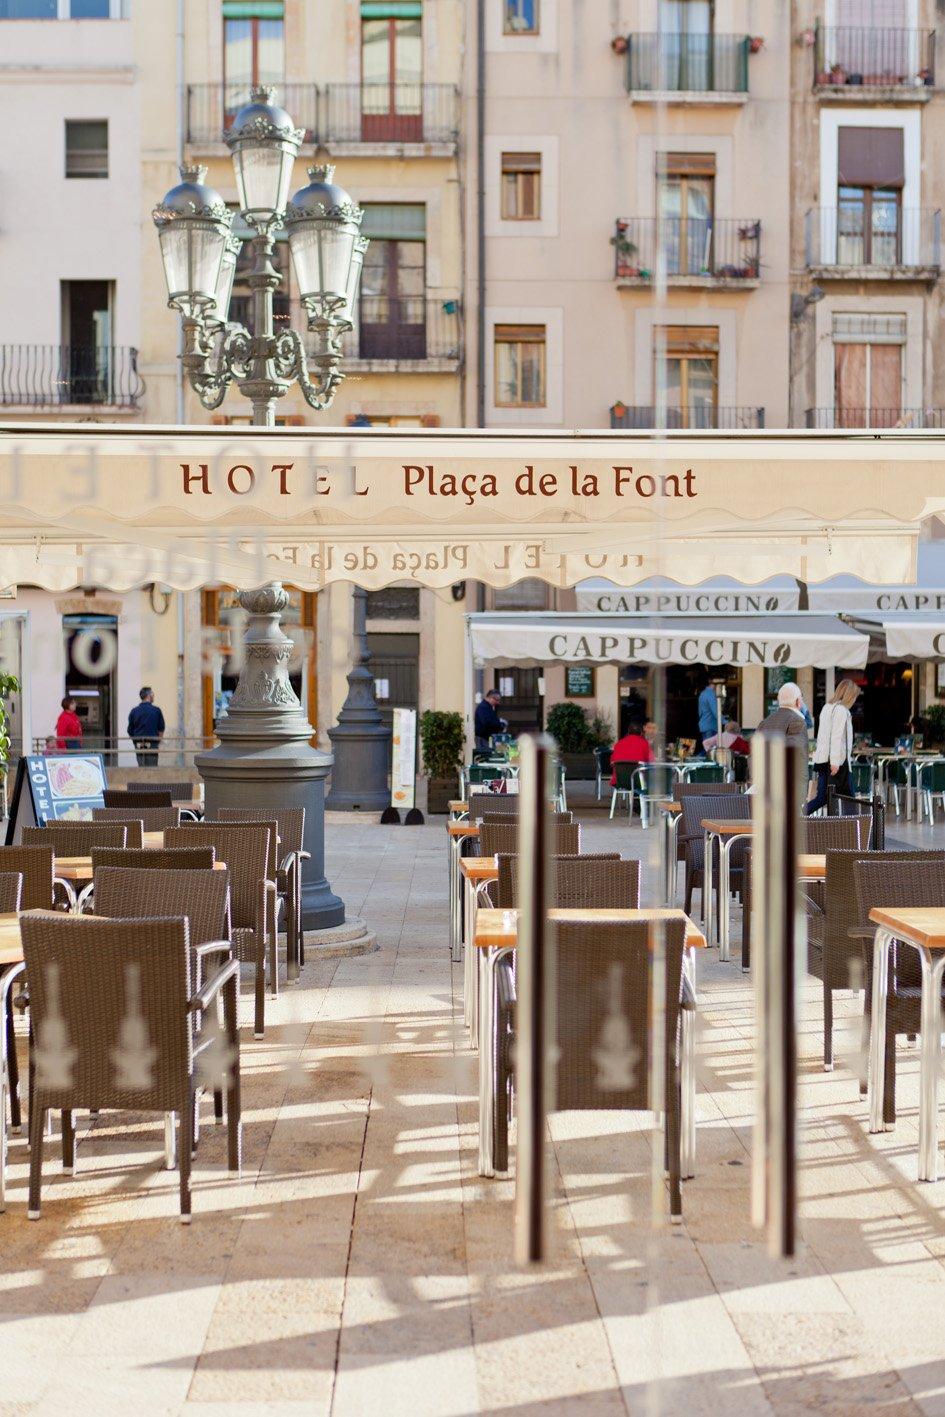 hotel_la_fontnombre_del_documento_21-520a28d777e06d82550aab8444f0fc6d